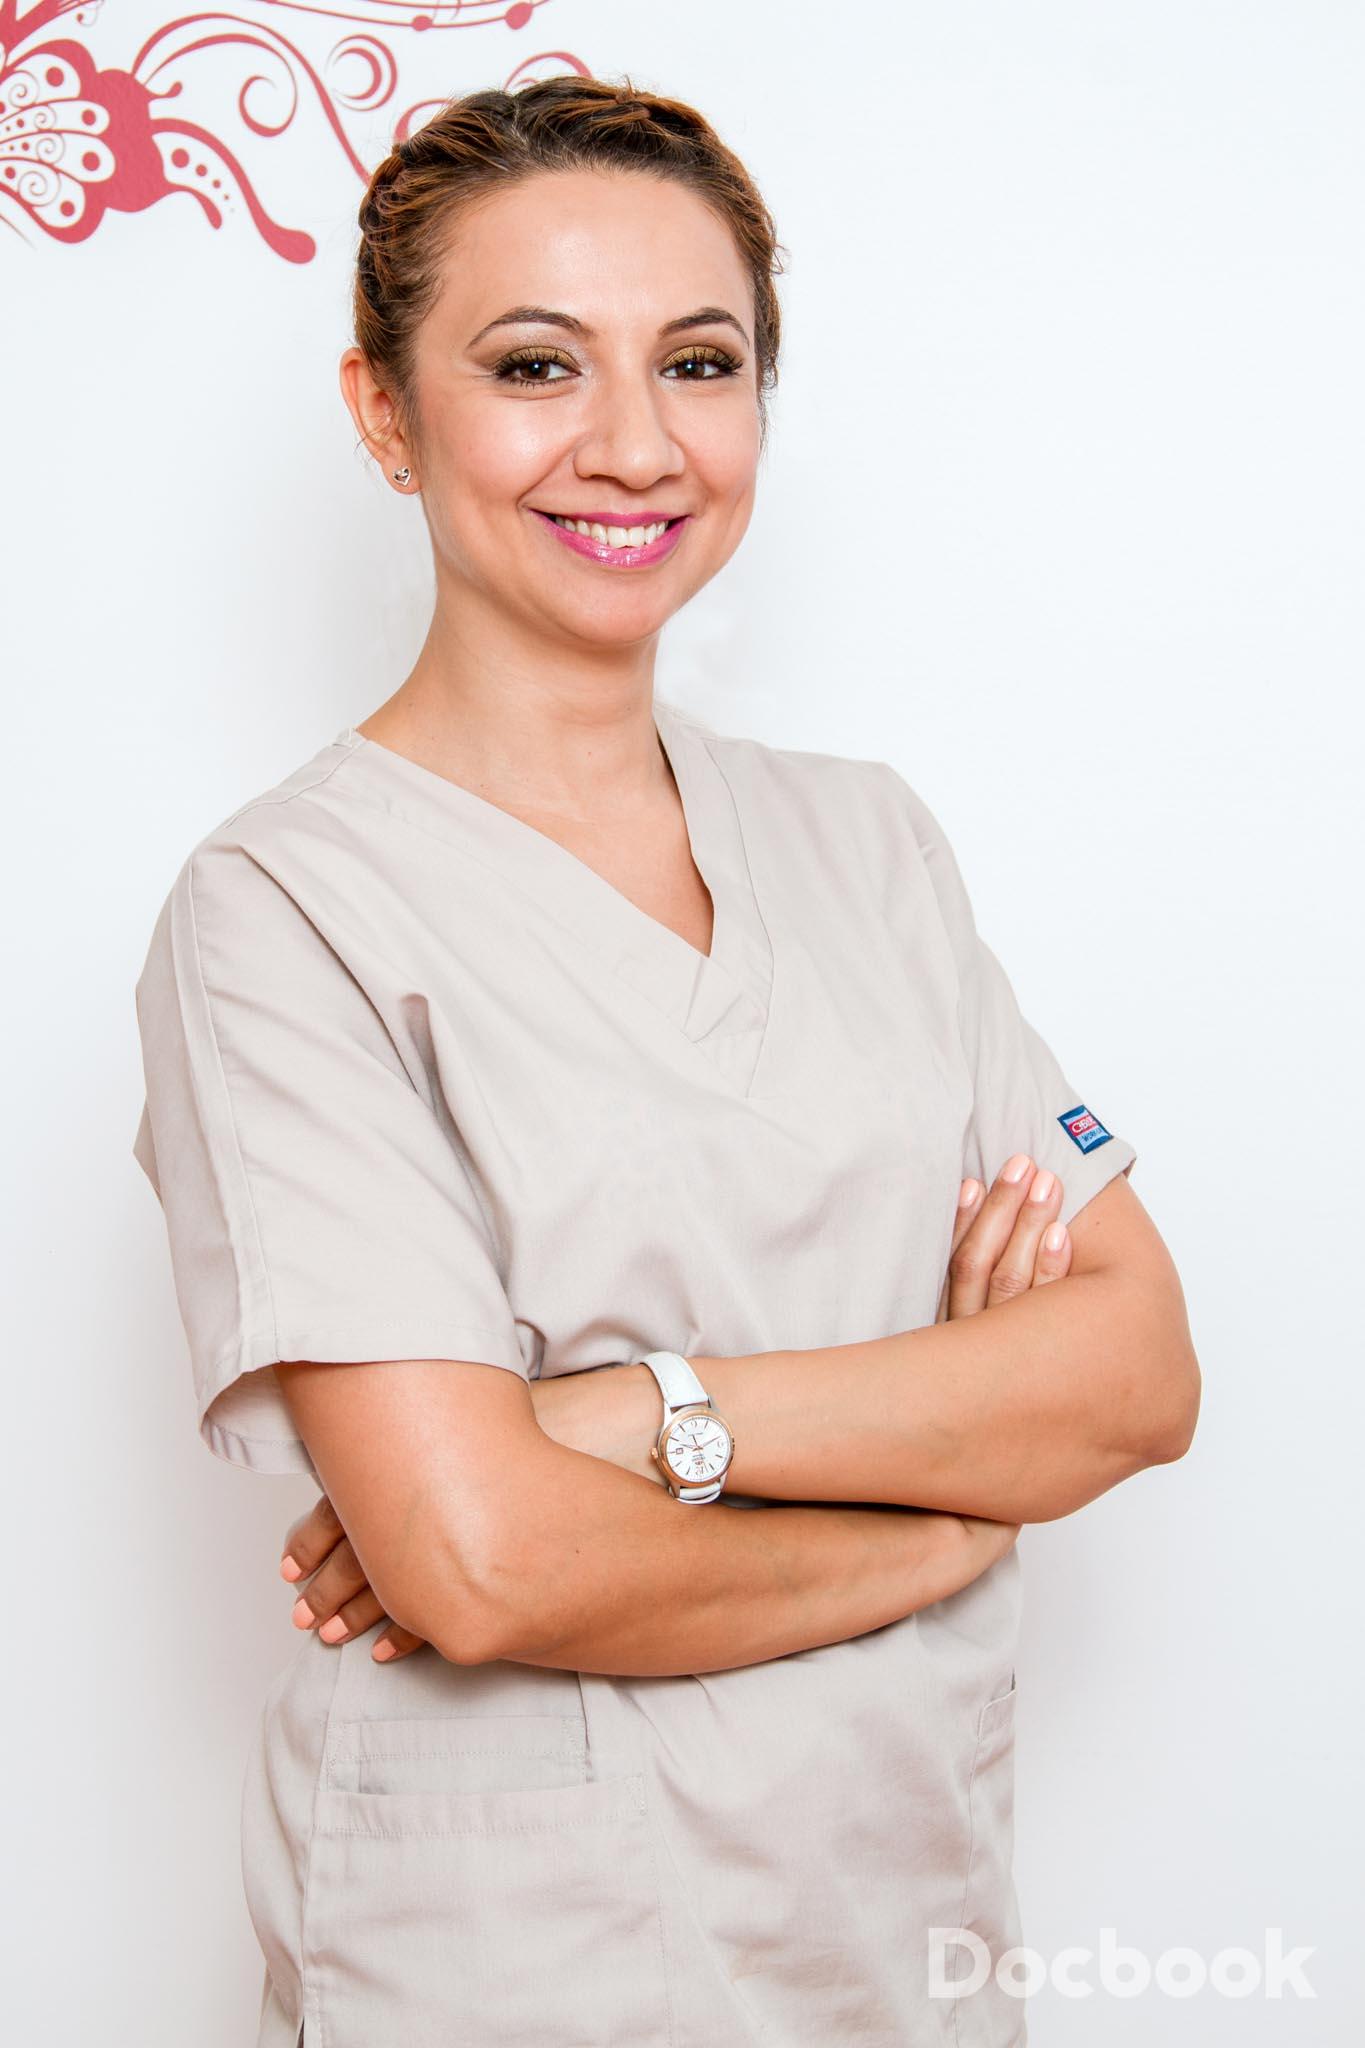 Dr. Rebeca Bechiru